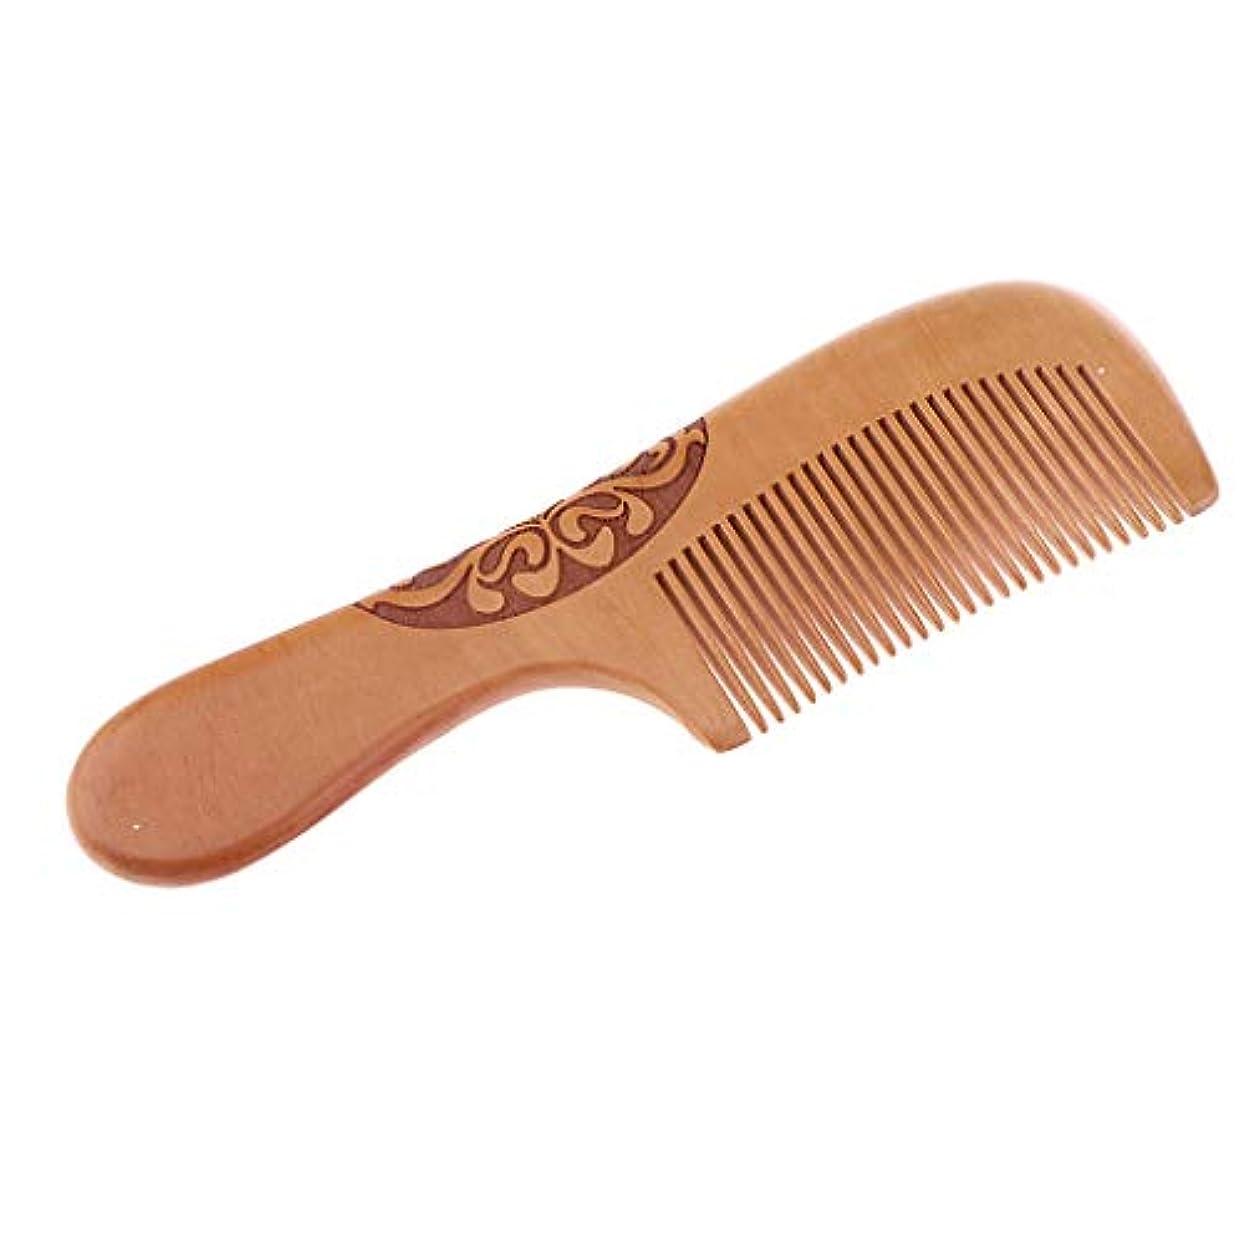 日記嫉妬延期するヘアコーム 広い歯 櫛 木製 美髪ケア 頭皮マッサージ 4タイプ選べ - H